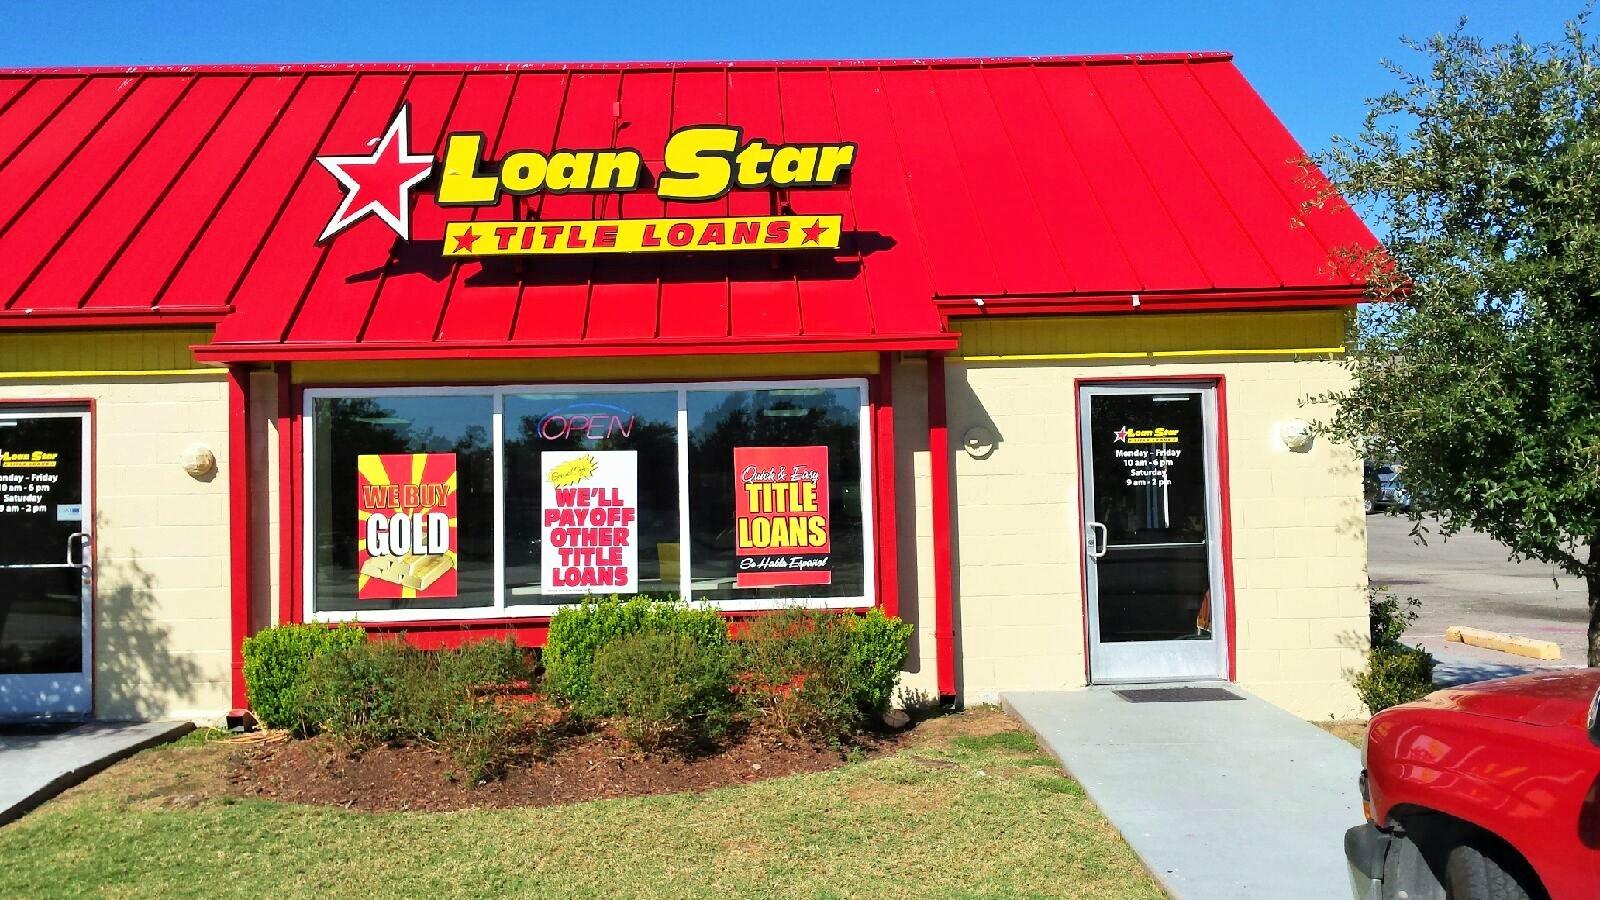 Loanstar Title Loans image 2